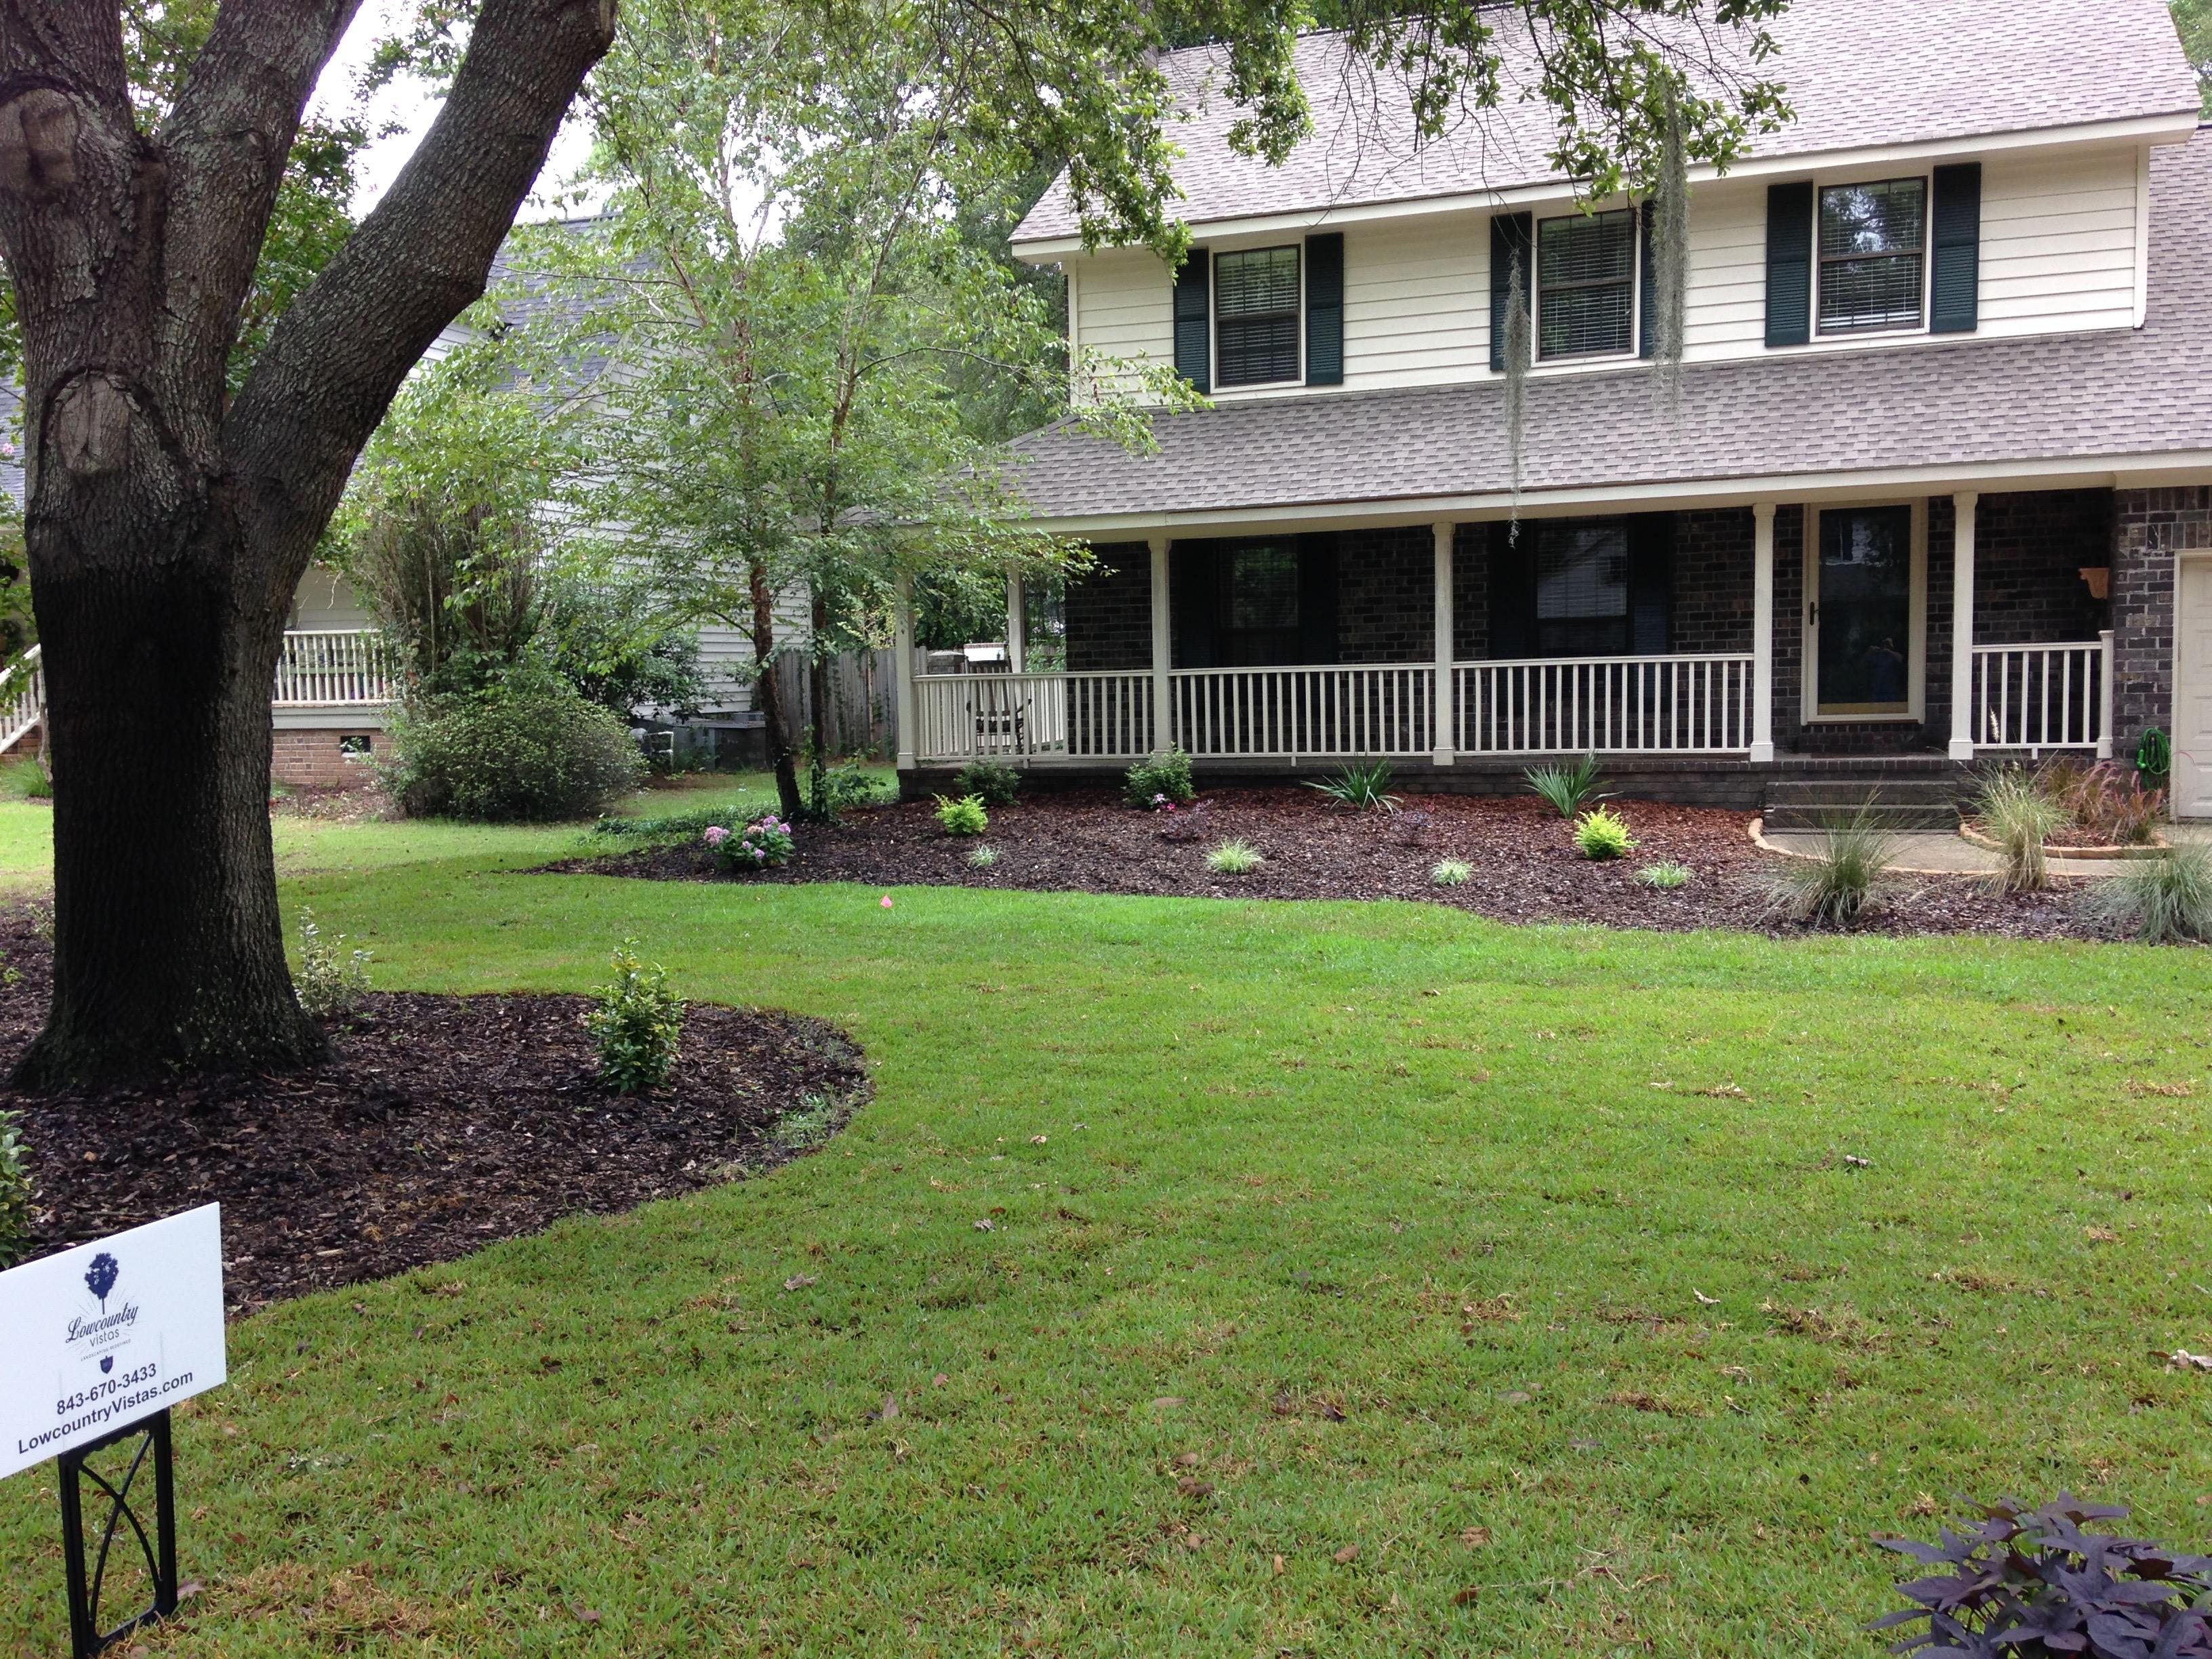 Charleston Residential Landscape Design - Yard Makeover After 2